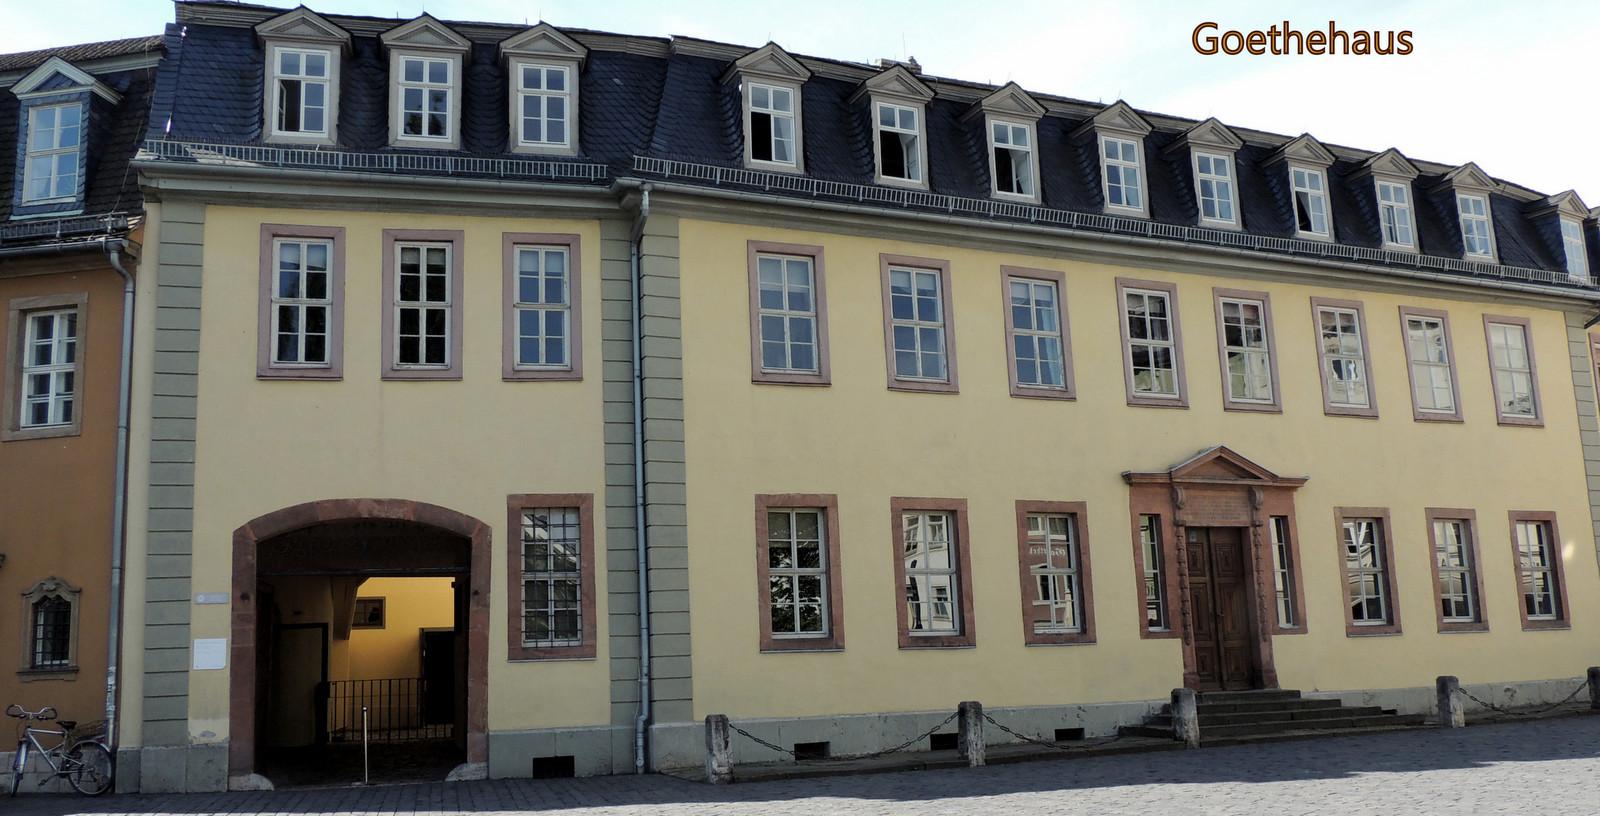 Goethehaus in Weimar / Thüringen